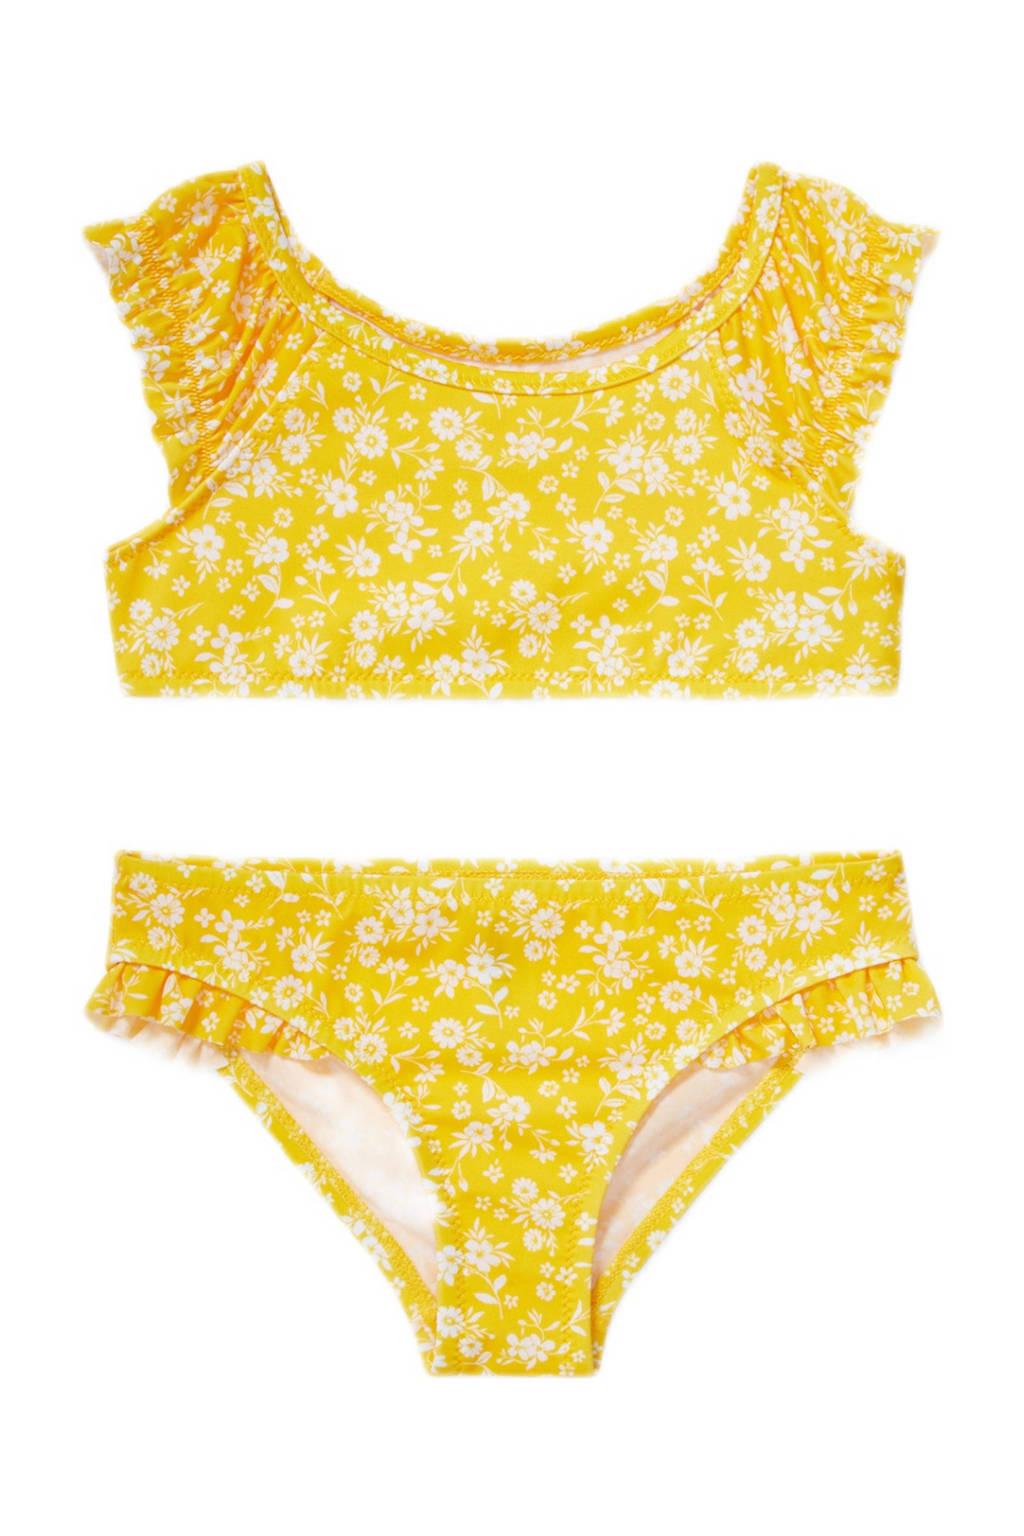 C&A Rodeo gebloemde crop bikini met ruches geel/wit, Geel/wit